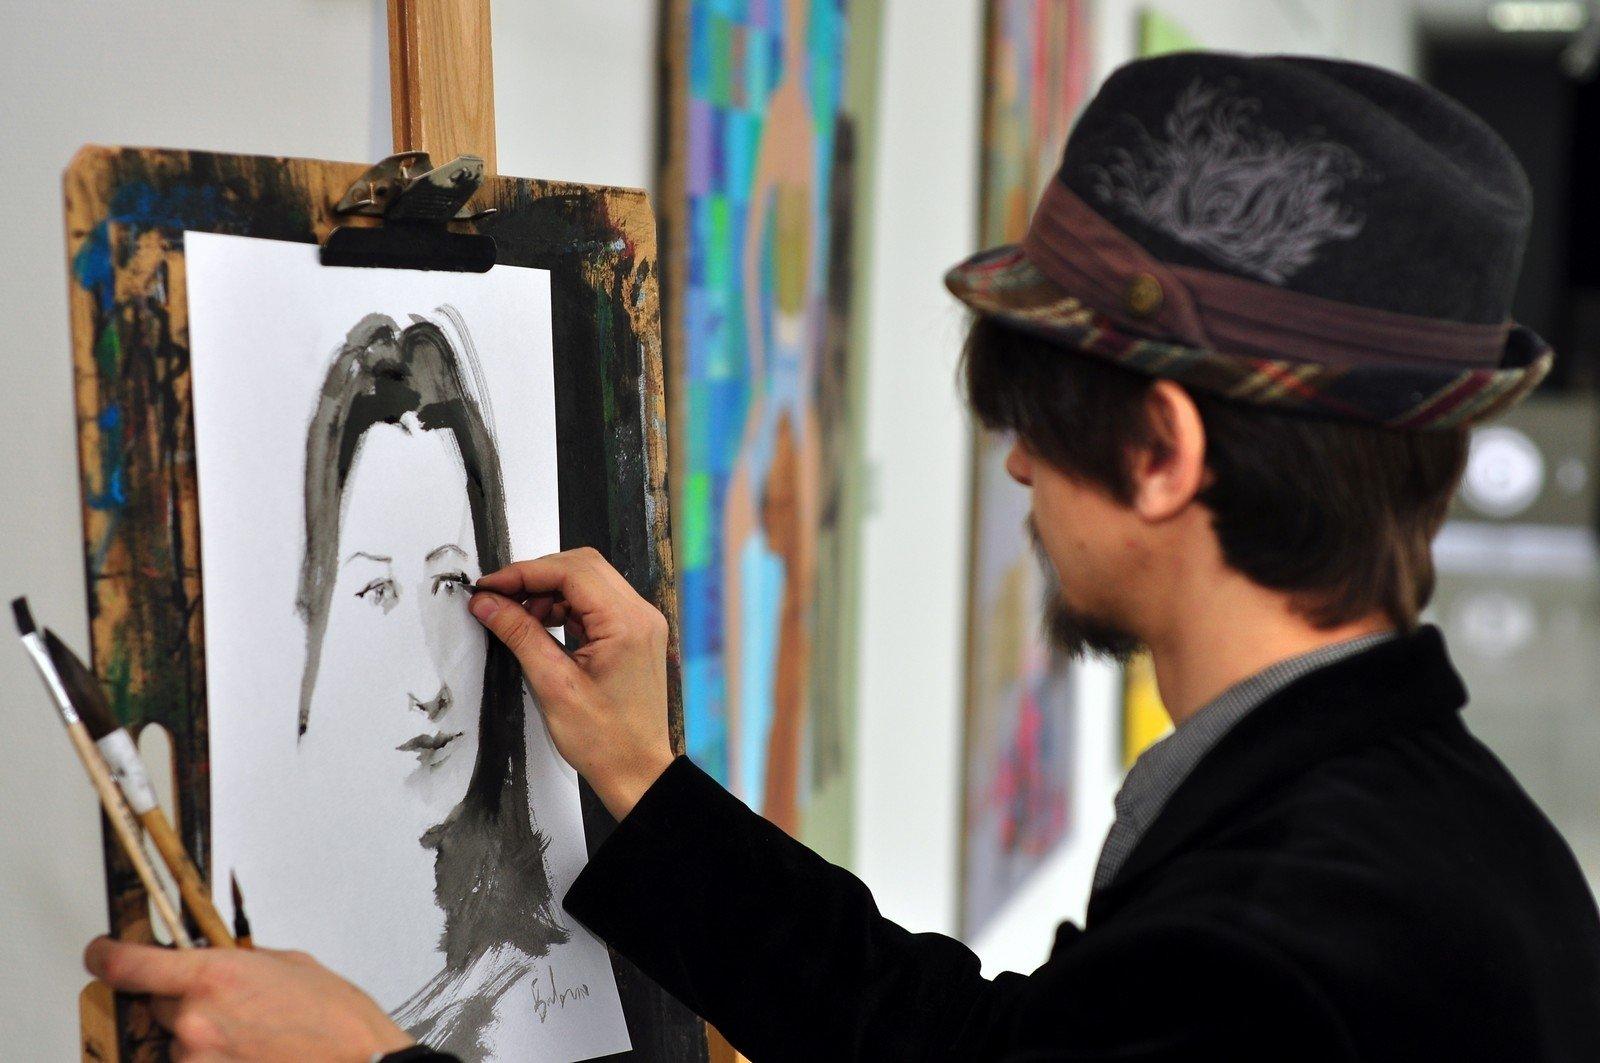 сошечке, художник пишет картину картинки что самом вертеле